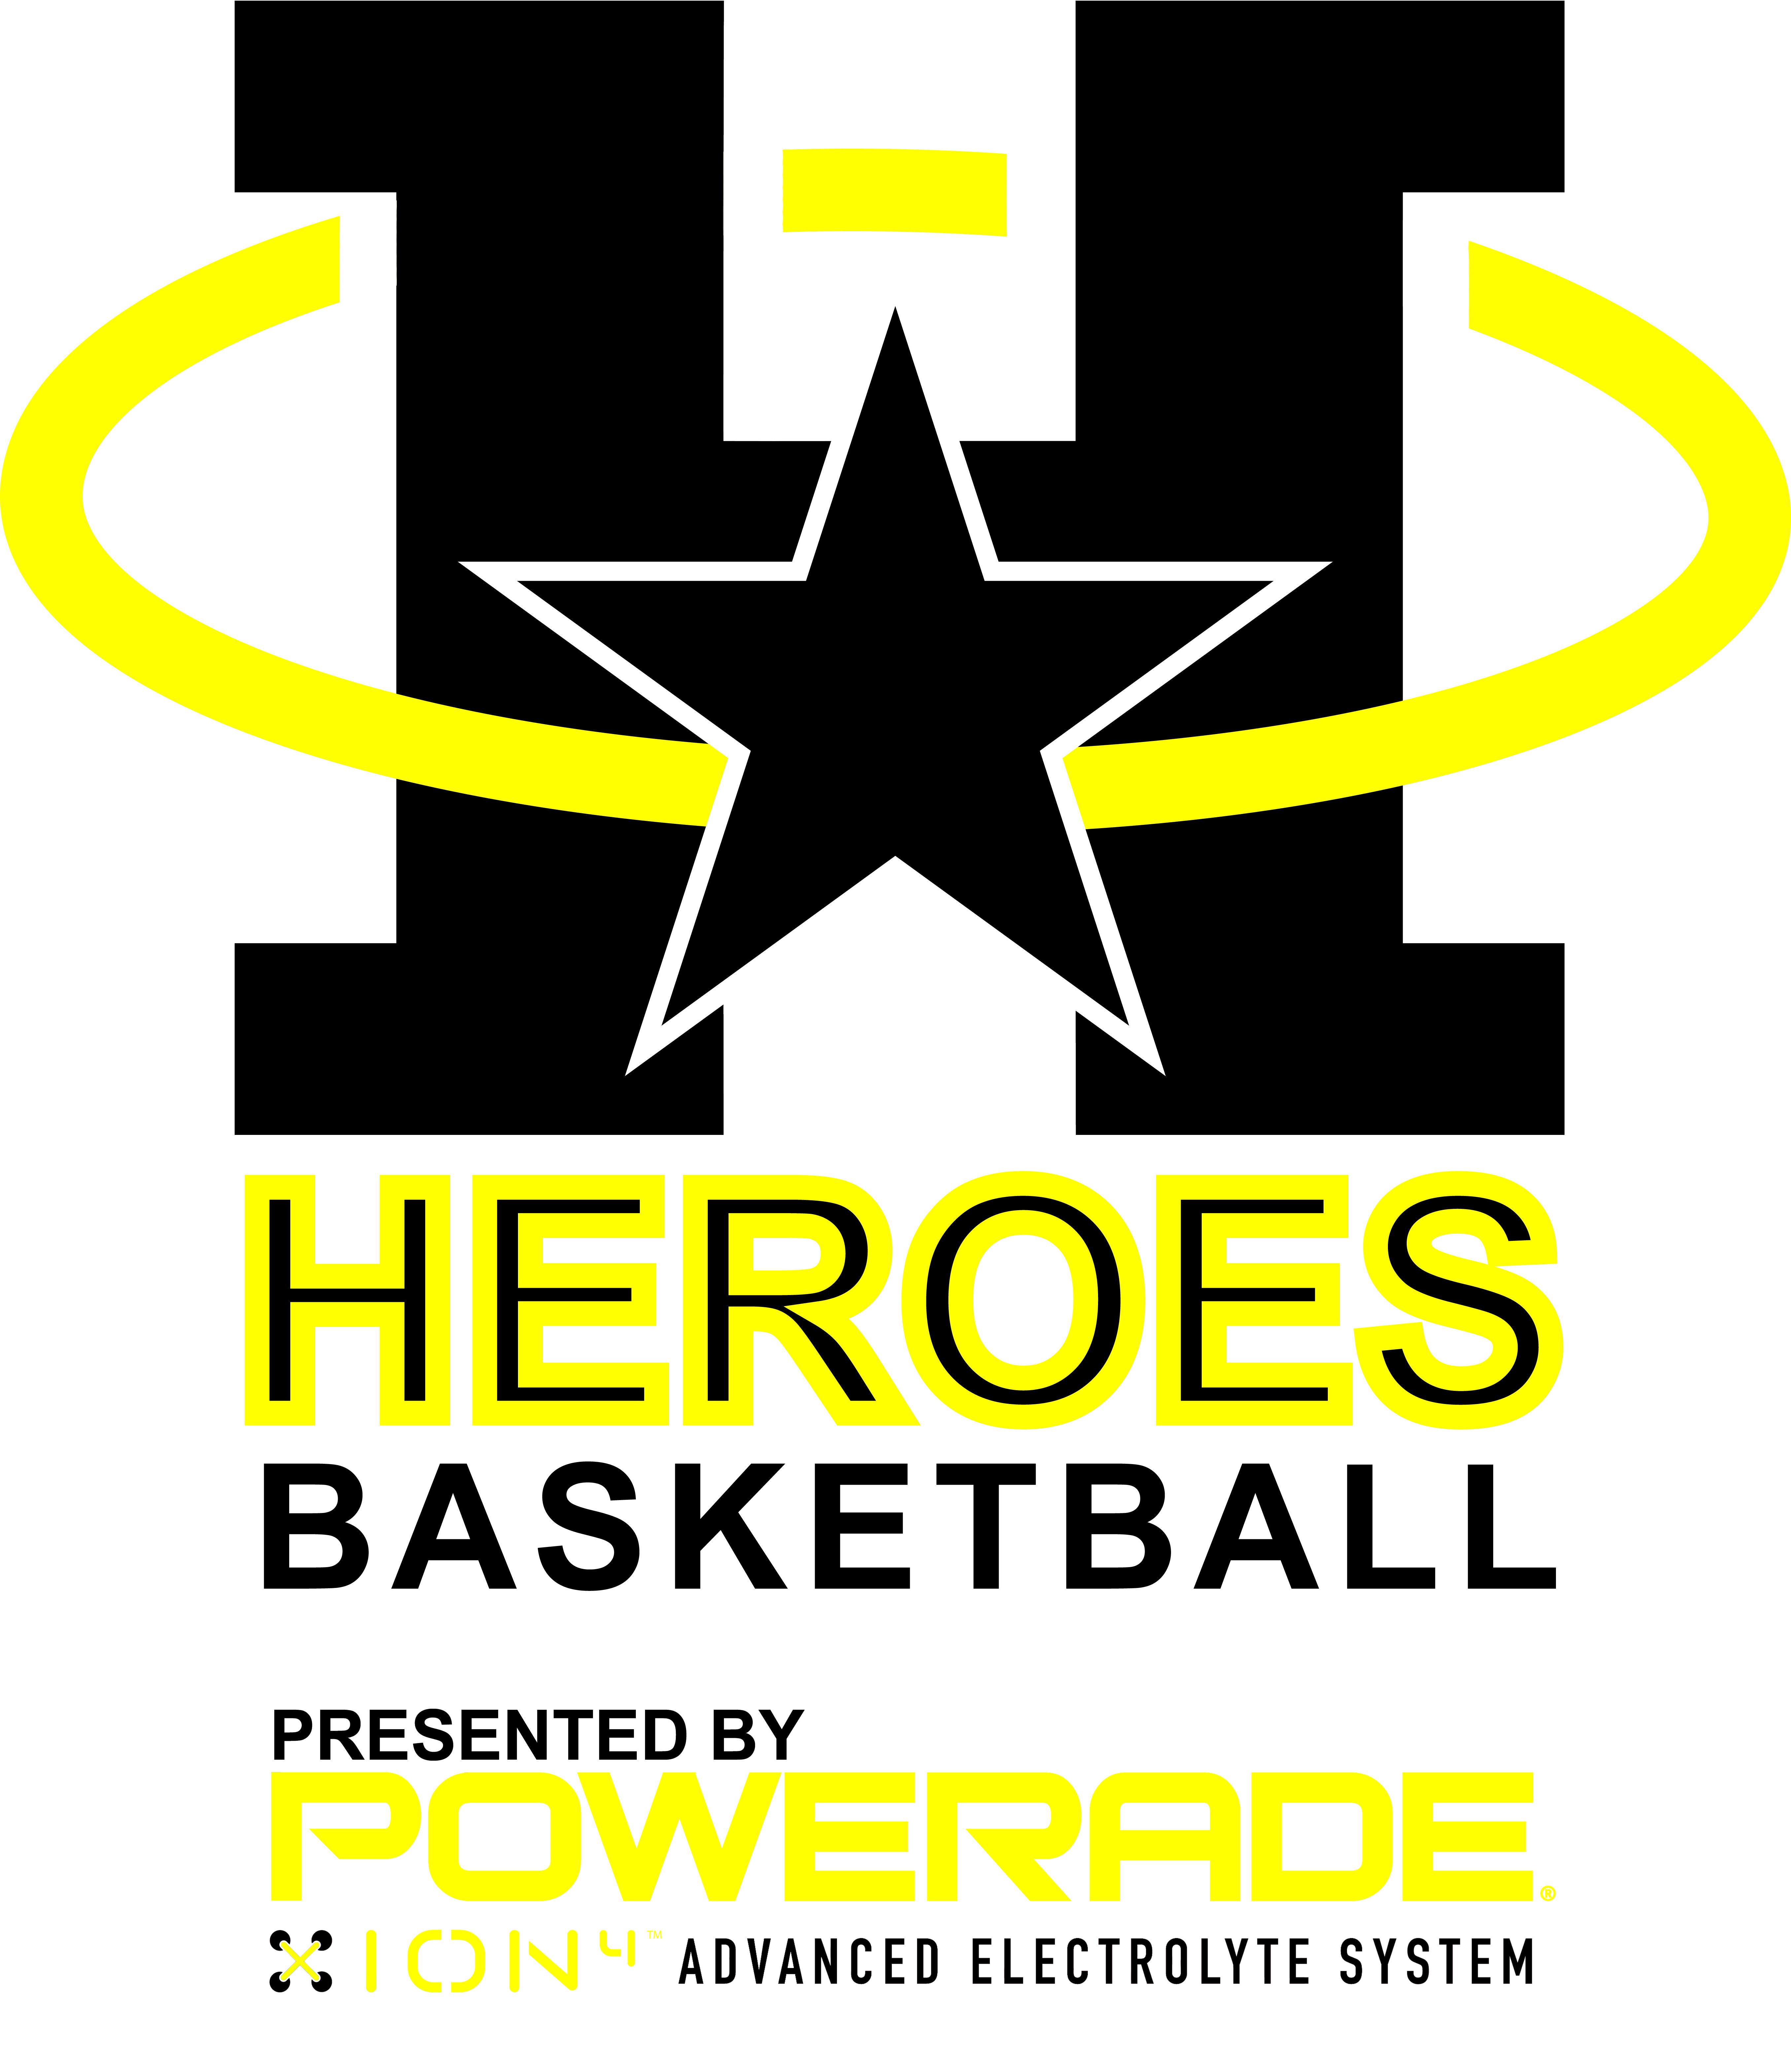 Heroes Basketball • 2012